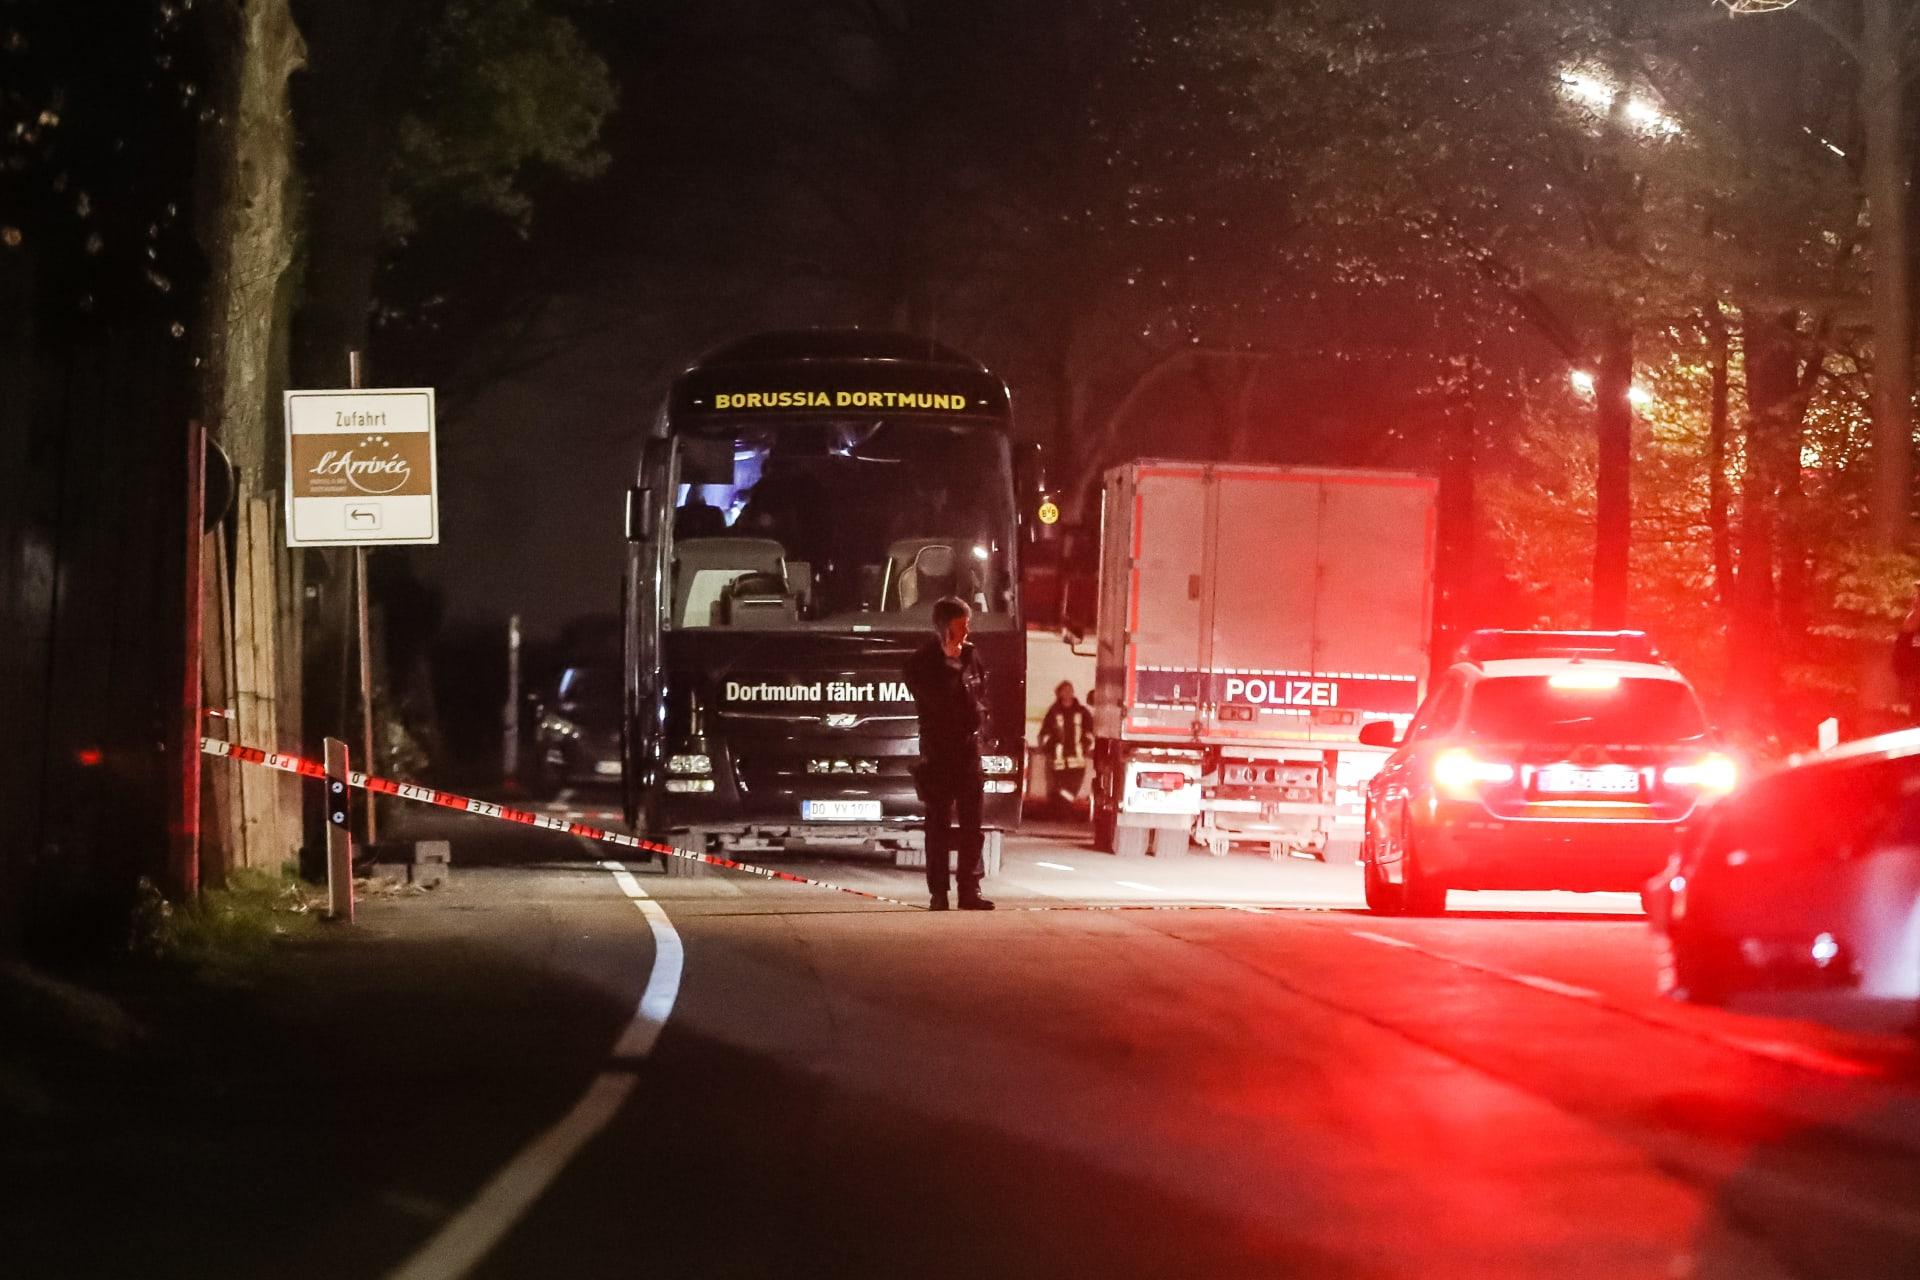 ألمانيا: المحتجز بعد هجوم دورتموند عراقي على صلة بداعش